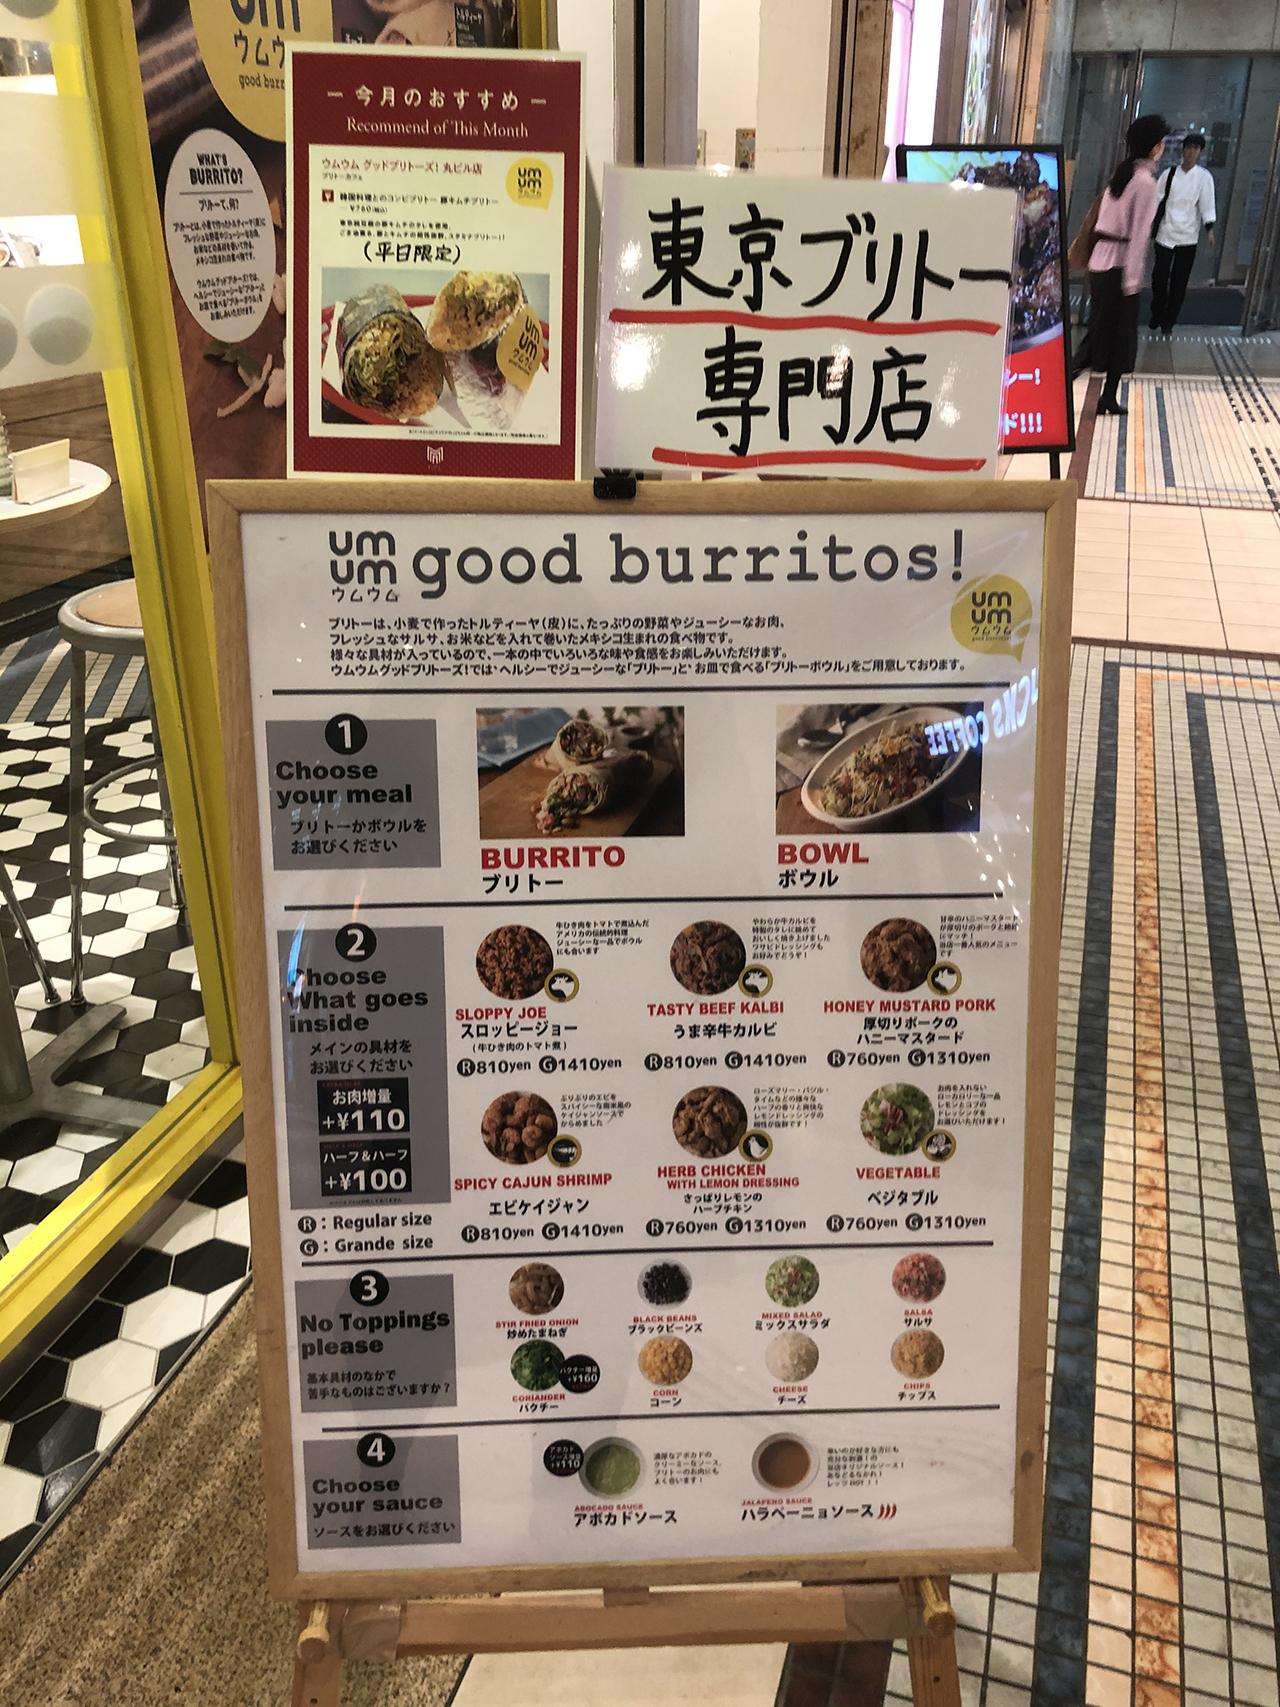 ウムウムグッドブリトーズ! (umum good burritos!)丸ビル店の投稿写真5